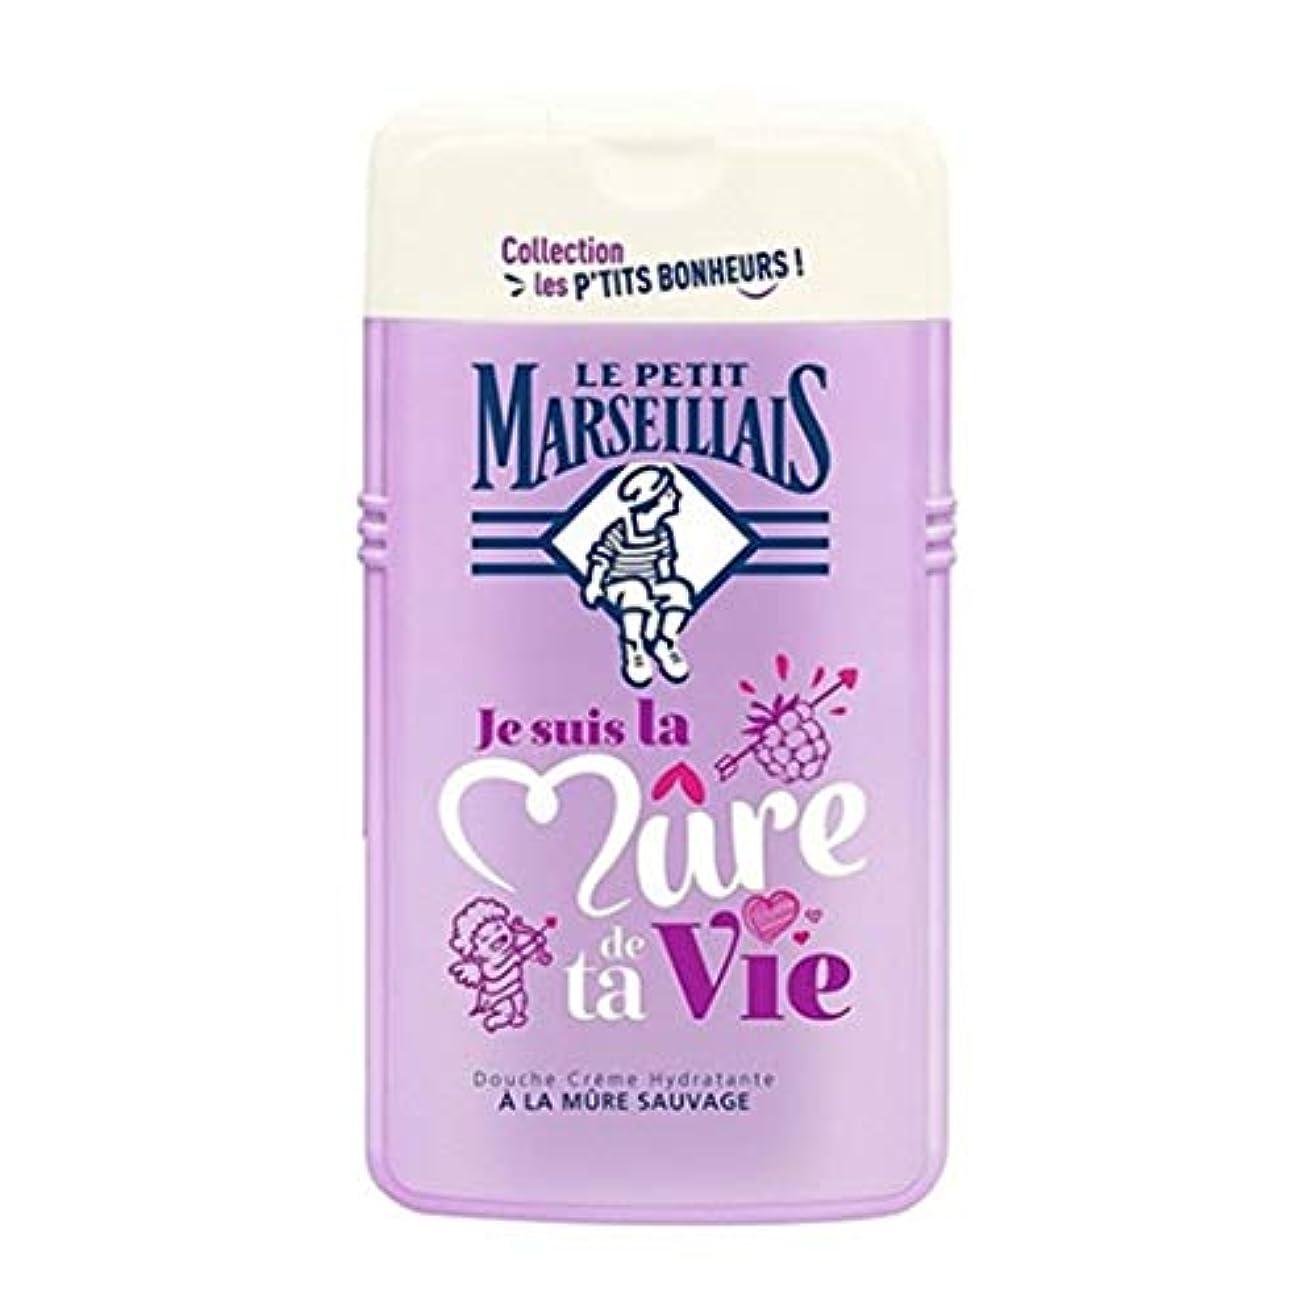 コンセンサス以前は恥「ブラックベリー」シャワークリーム ???? フランスの「ル?プティ?マルセイユ (Le Petit Marseillais)」 les P'TITS BONHEURS 250ml ボディウォッシュ